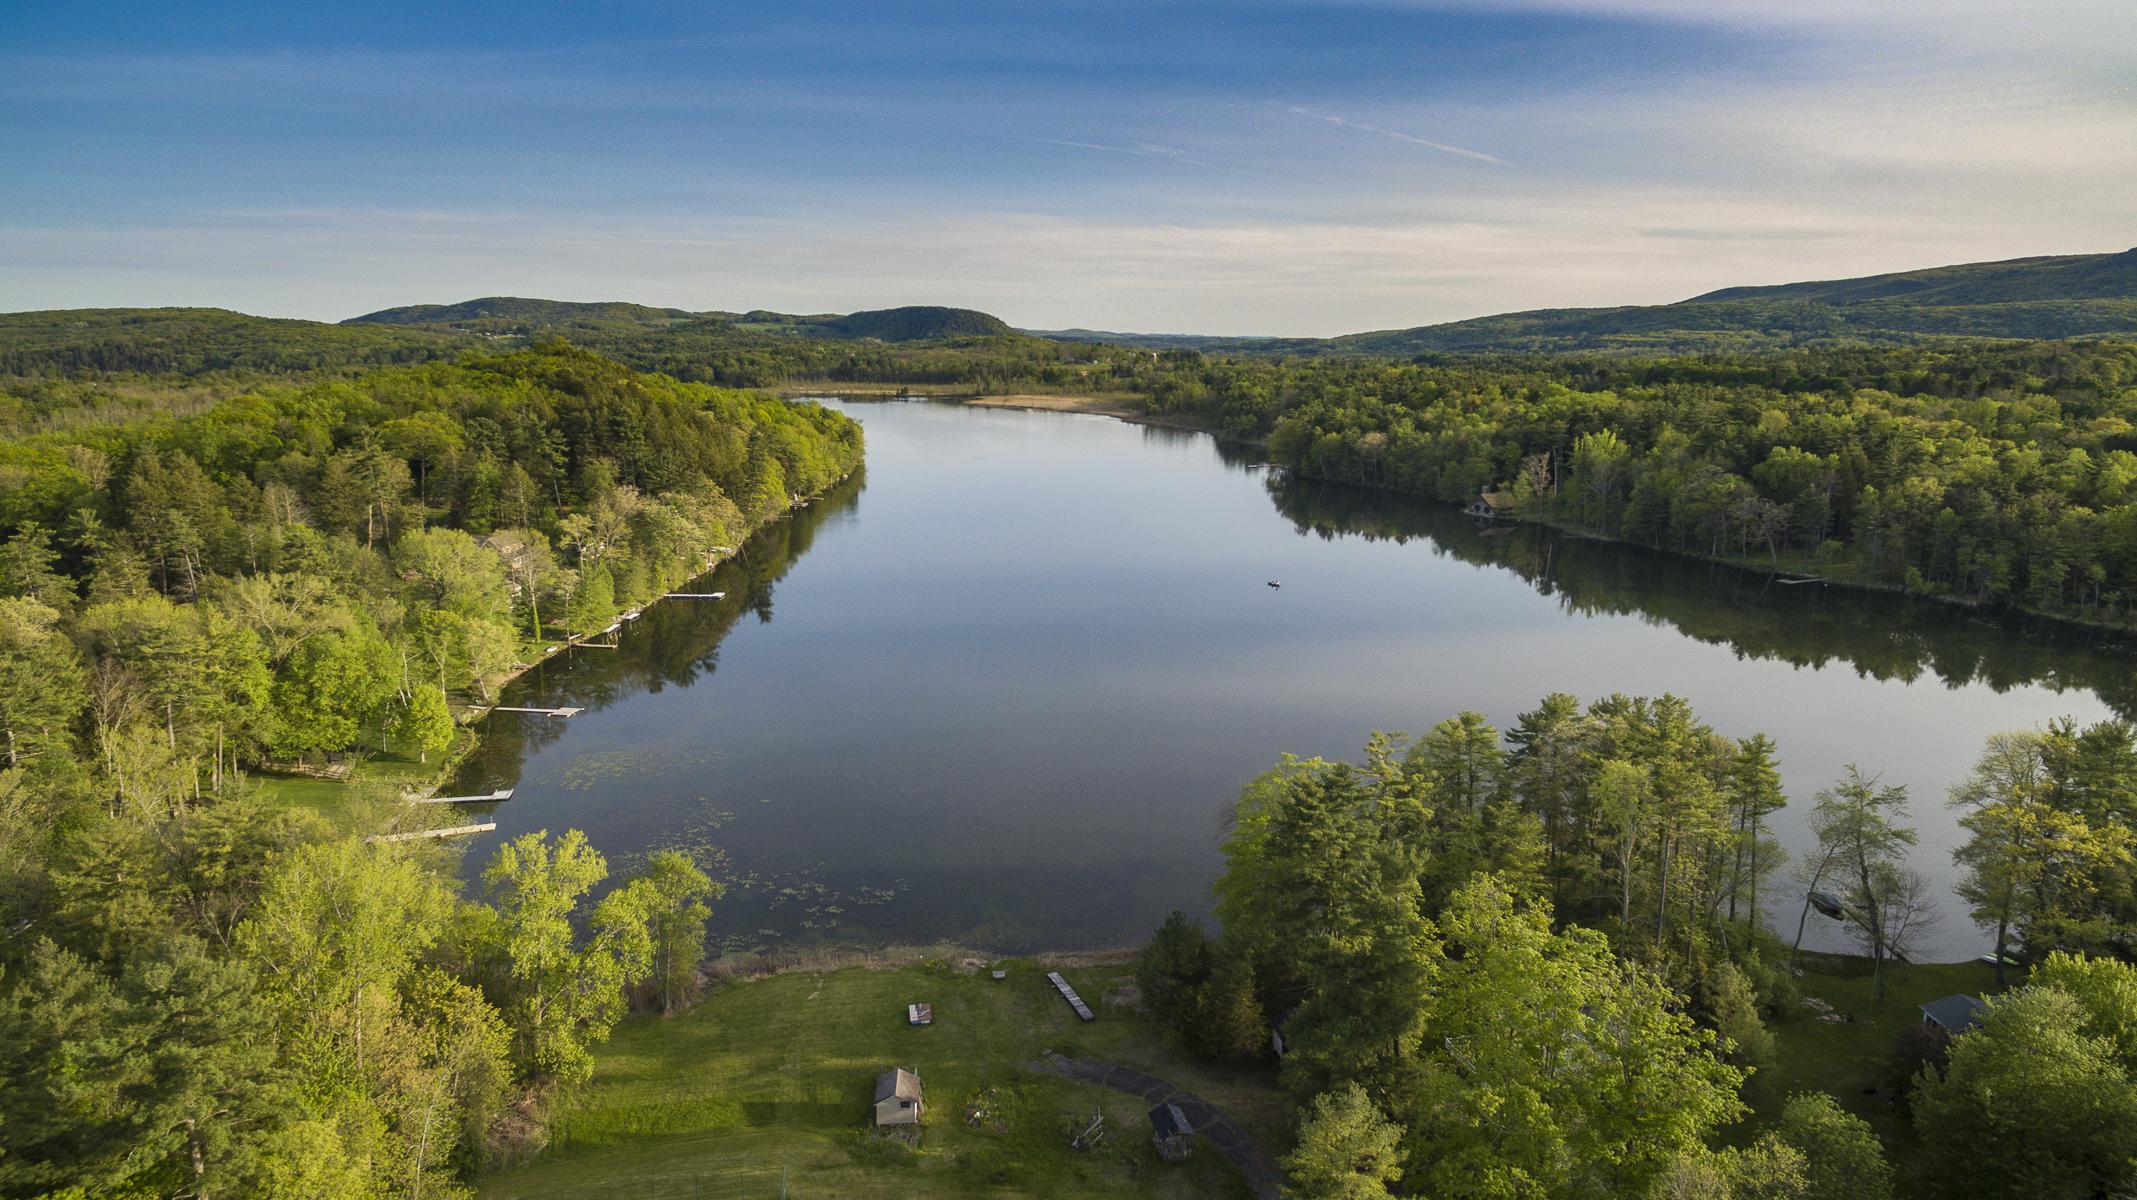 独户住宅 为 销售 在 Ultimate Lakeside Retreat: Salisbury 500 Twin Lakes Rd 索尔茨伯里市, 康涅狄格州, 06068 美国